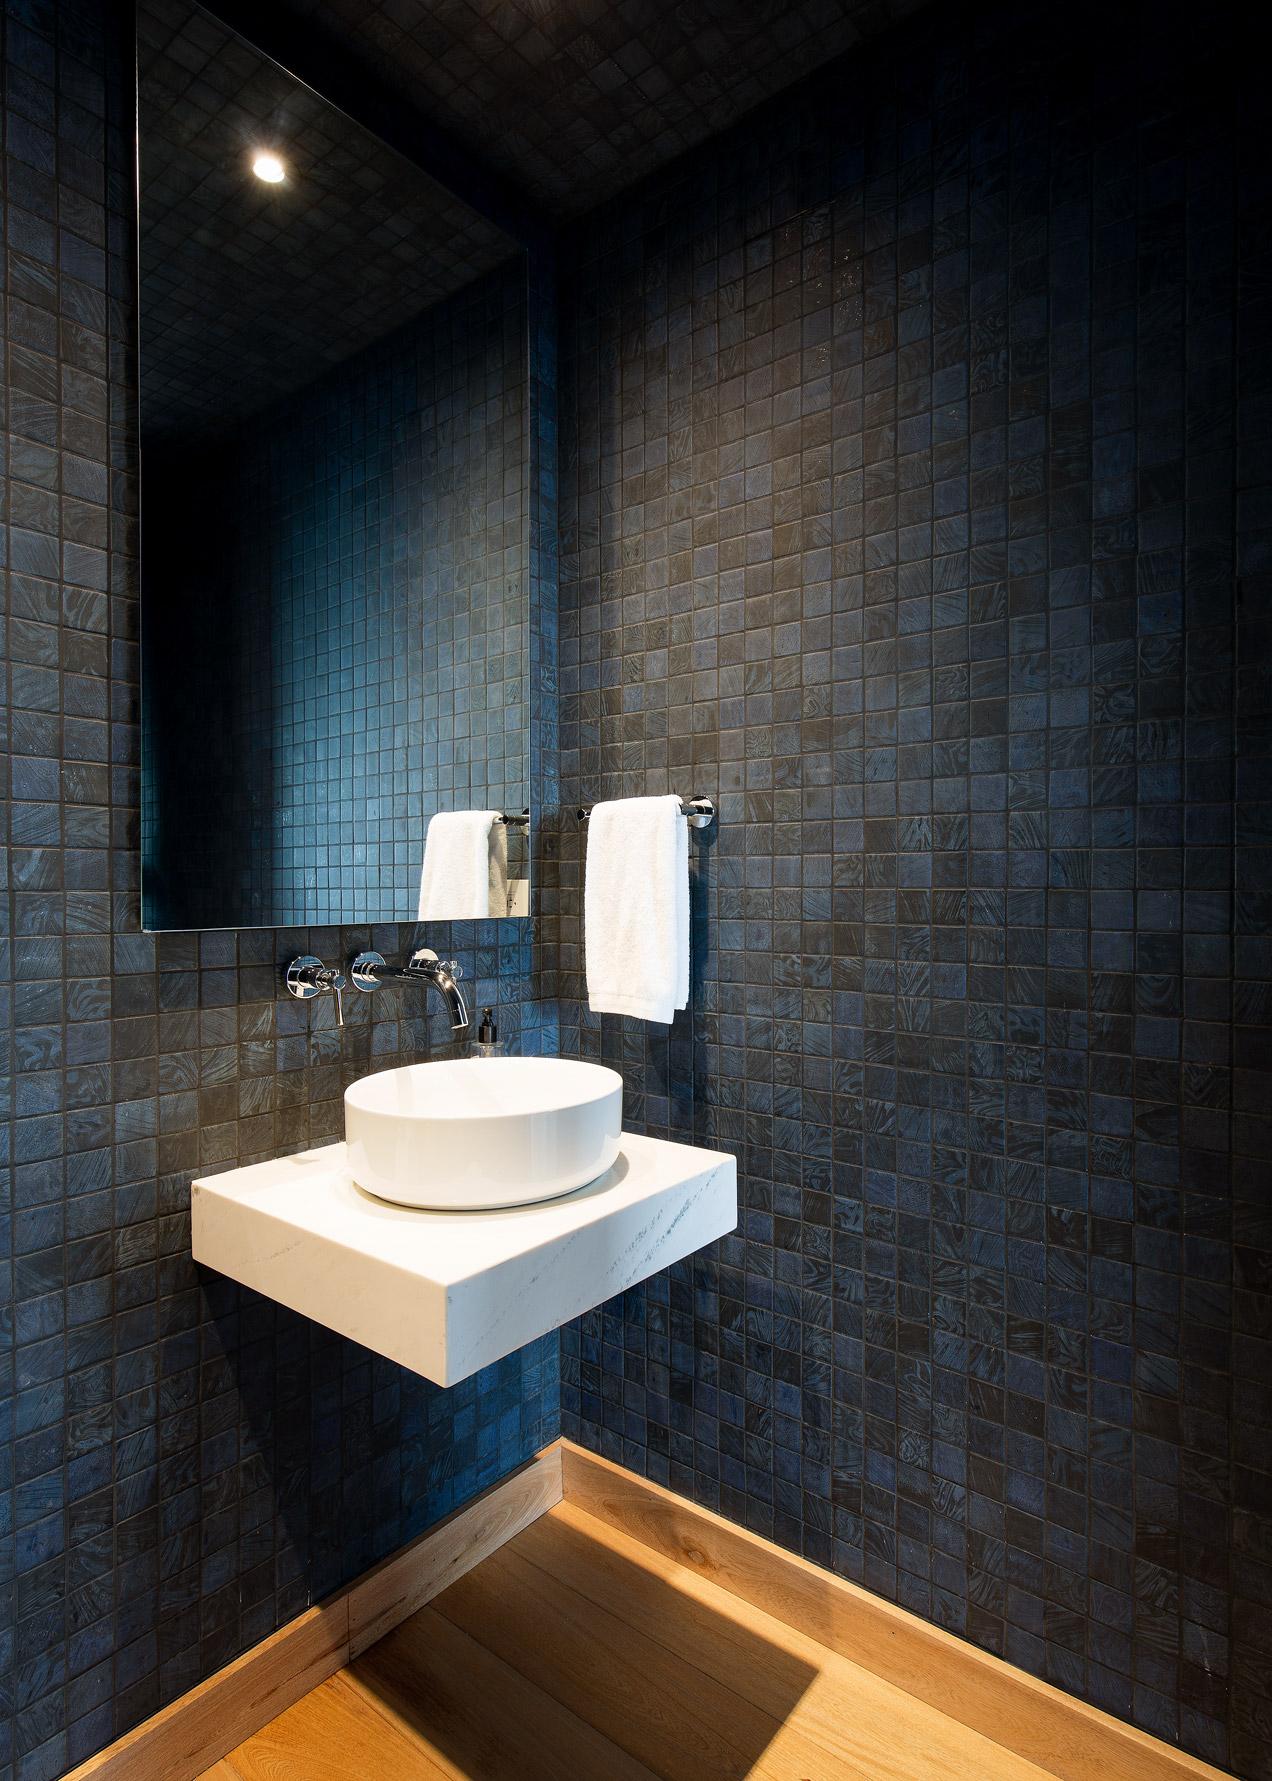 03.studiomanrique.simonbosch.photography.bogota.interior.duquearquitectura